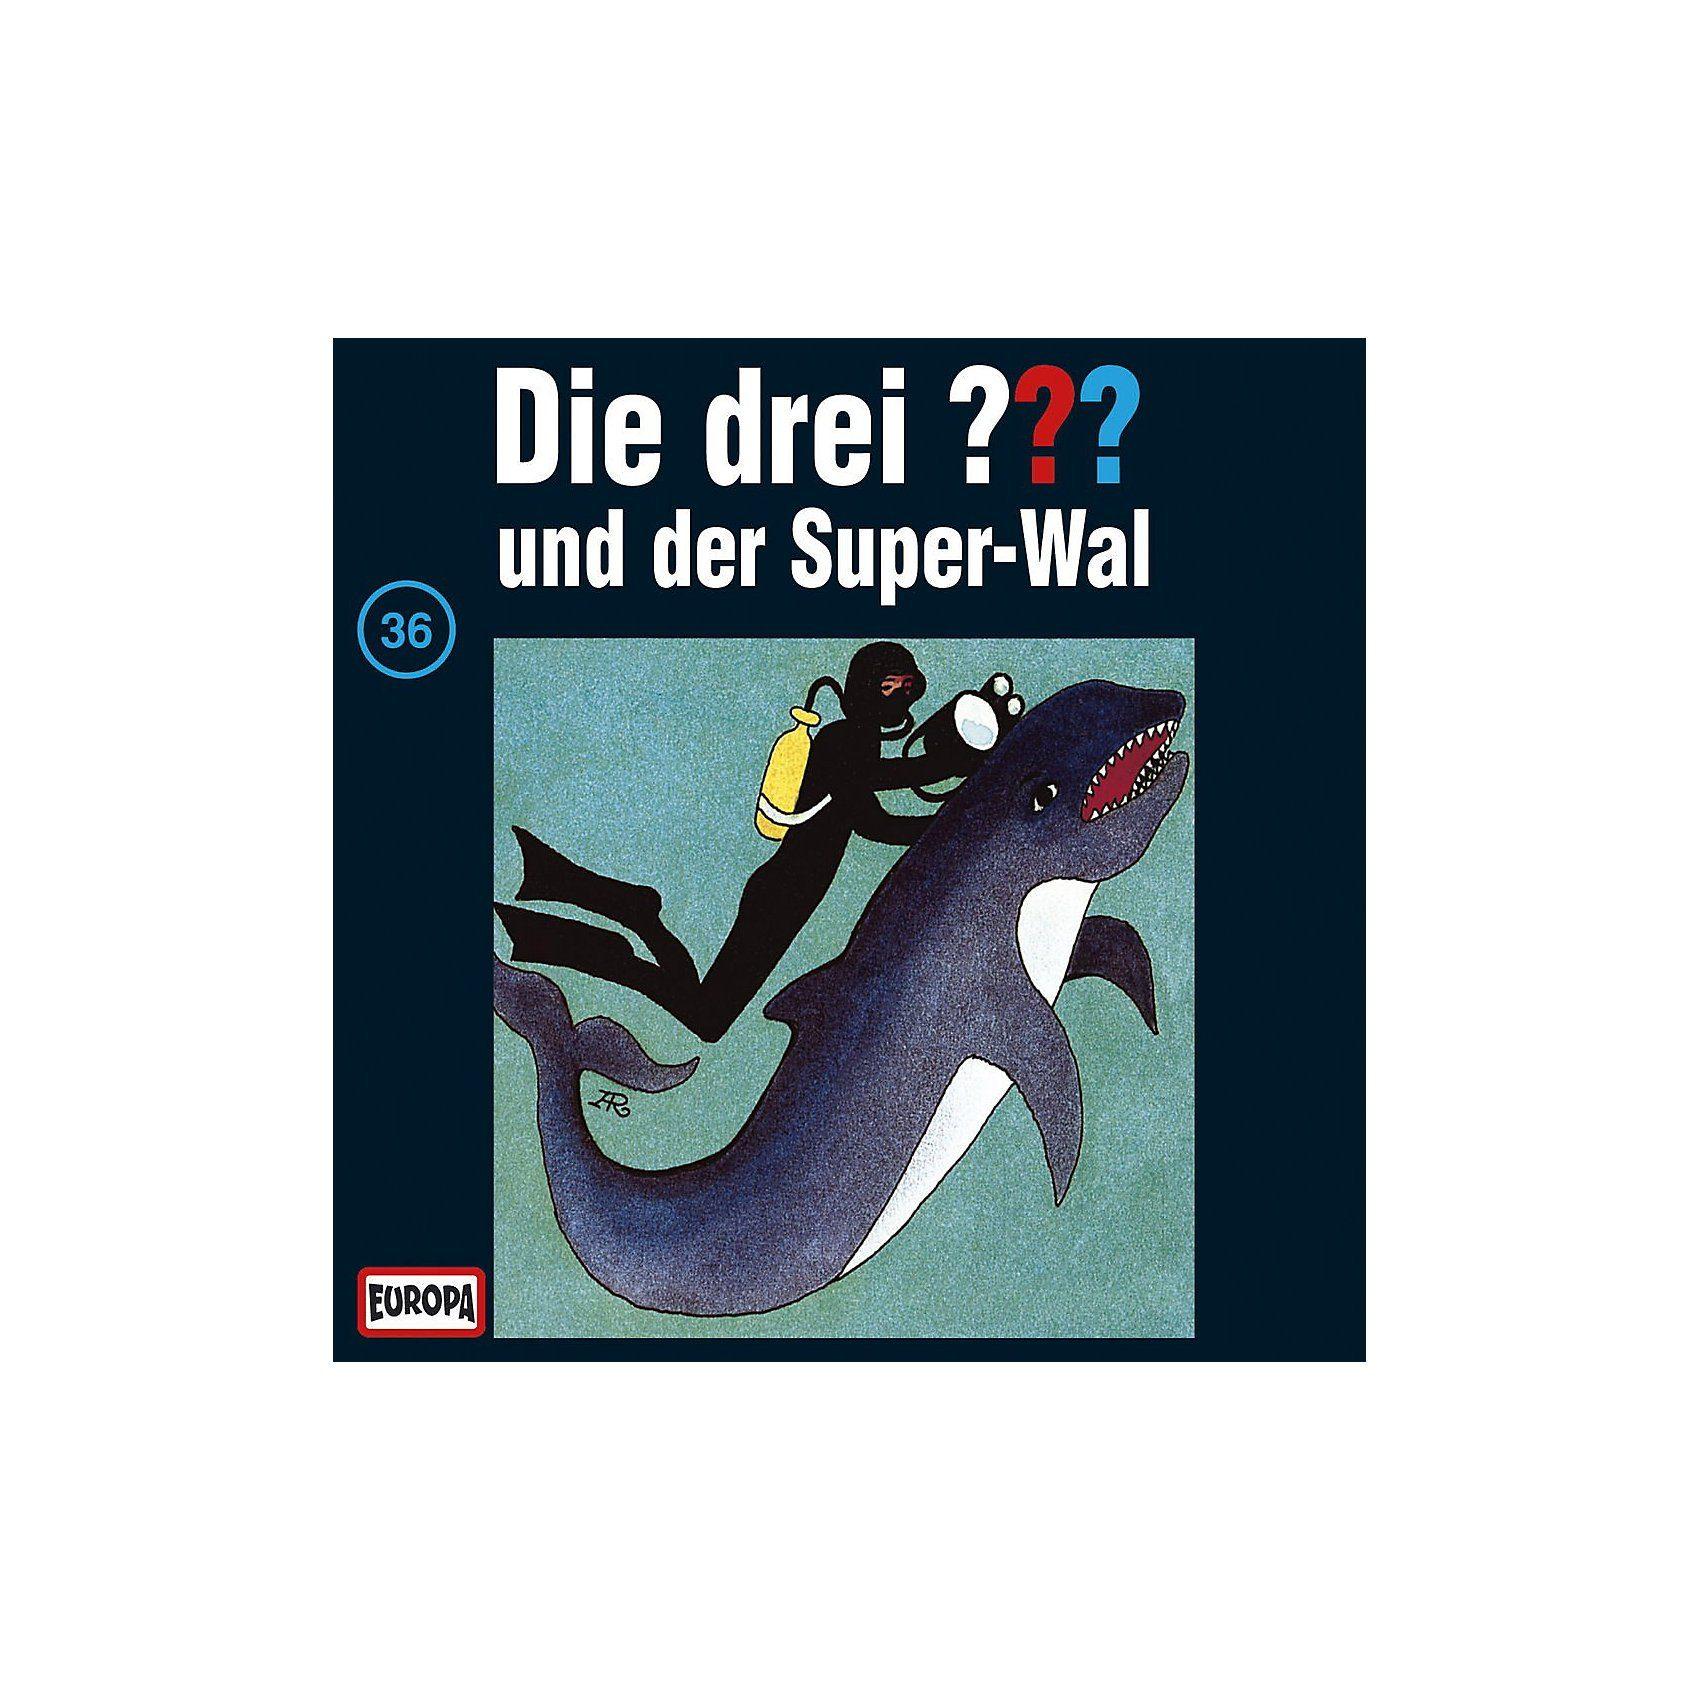 SONY BMG MUSIC CD Die Drei ??? 036/und der Super-Wal